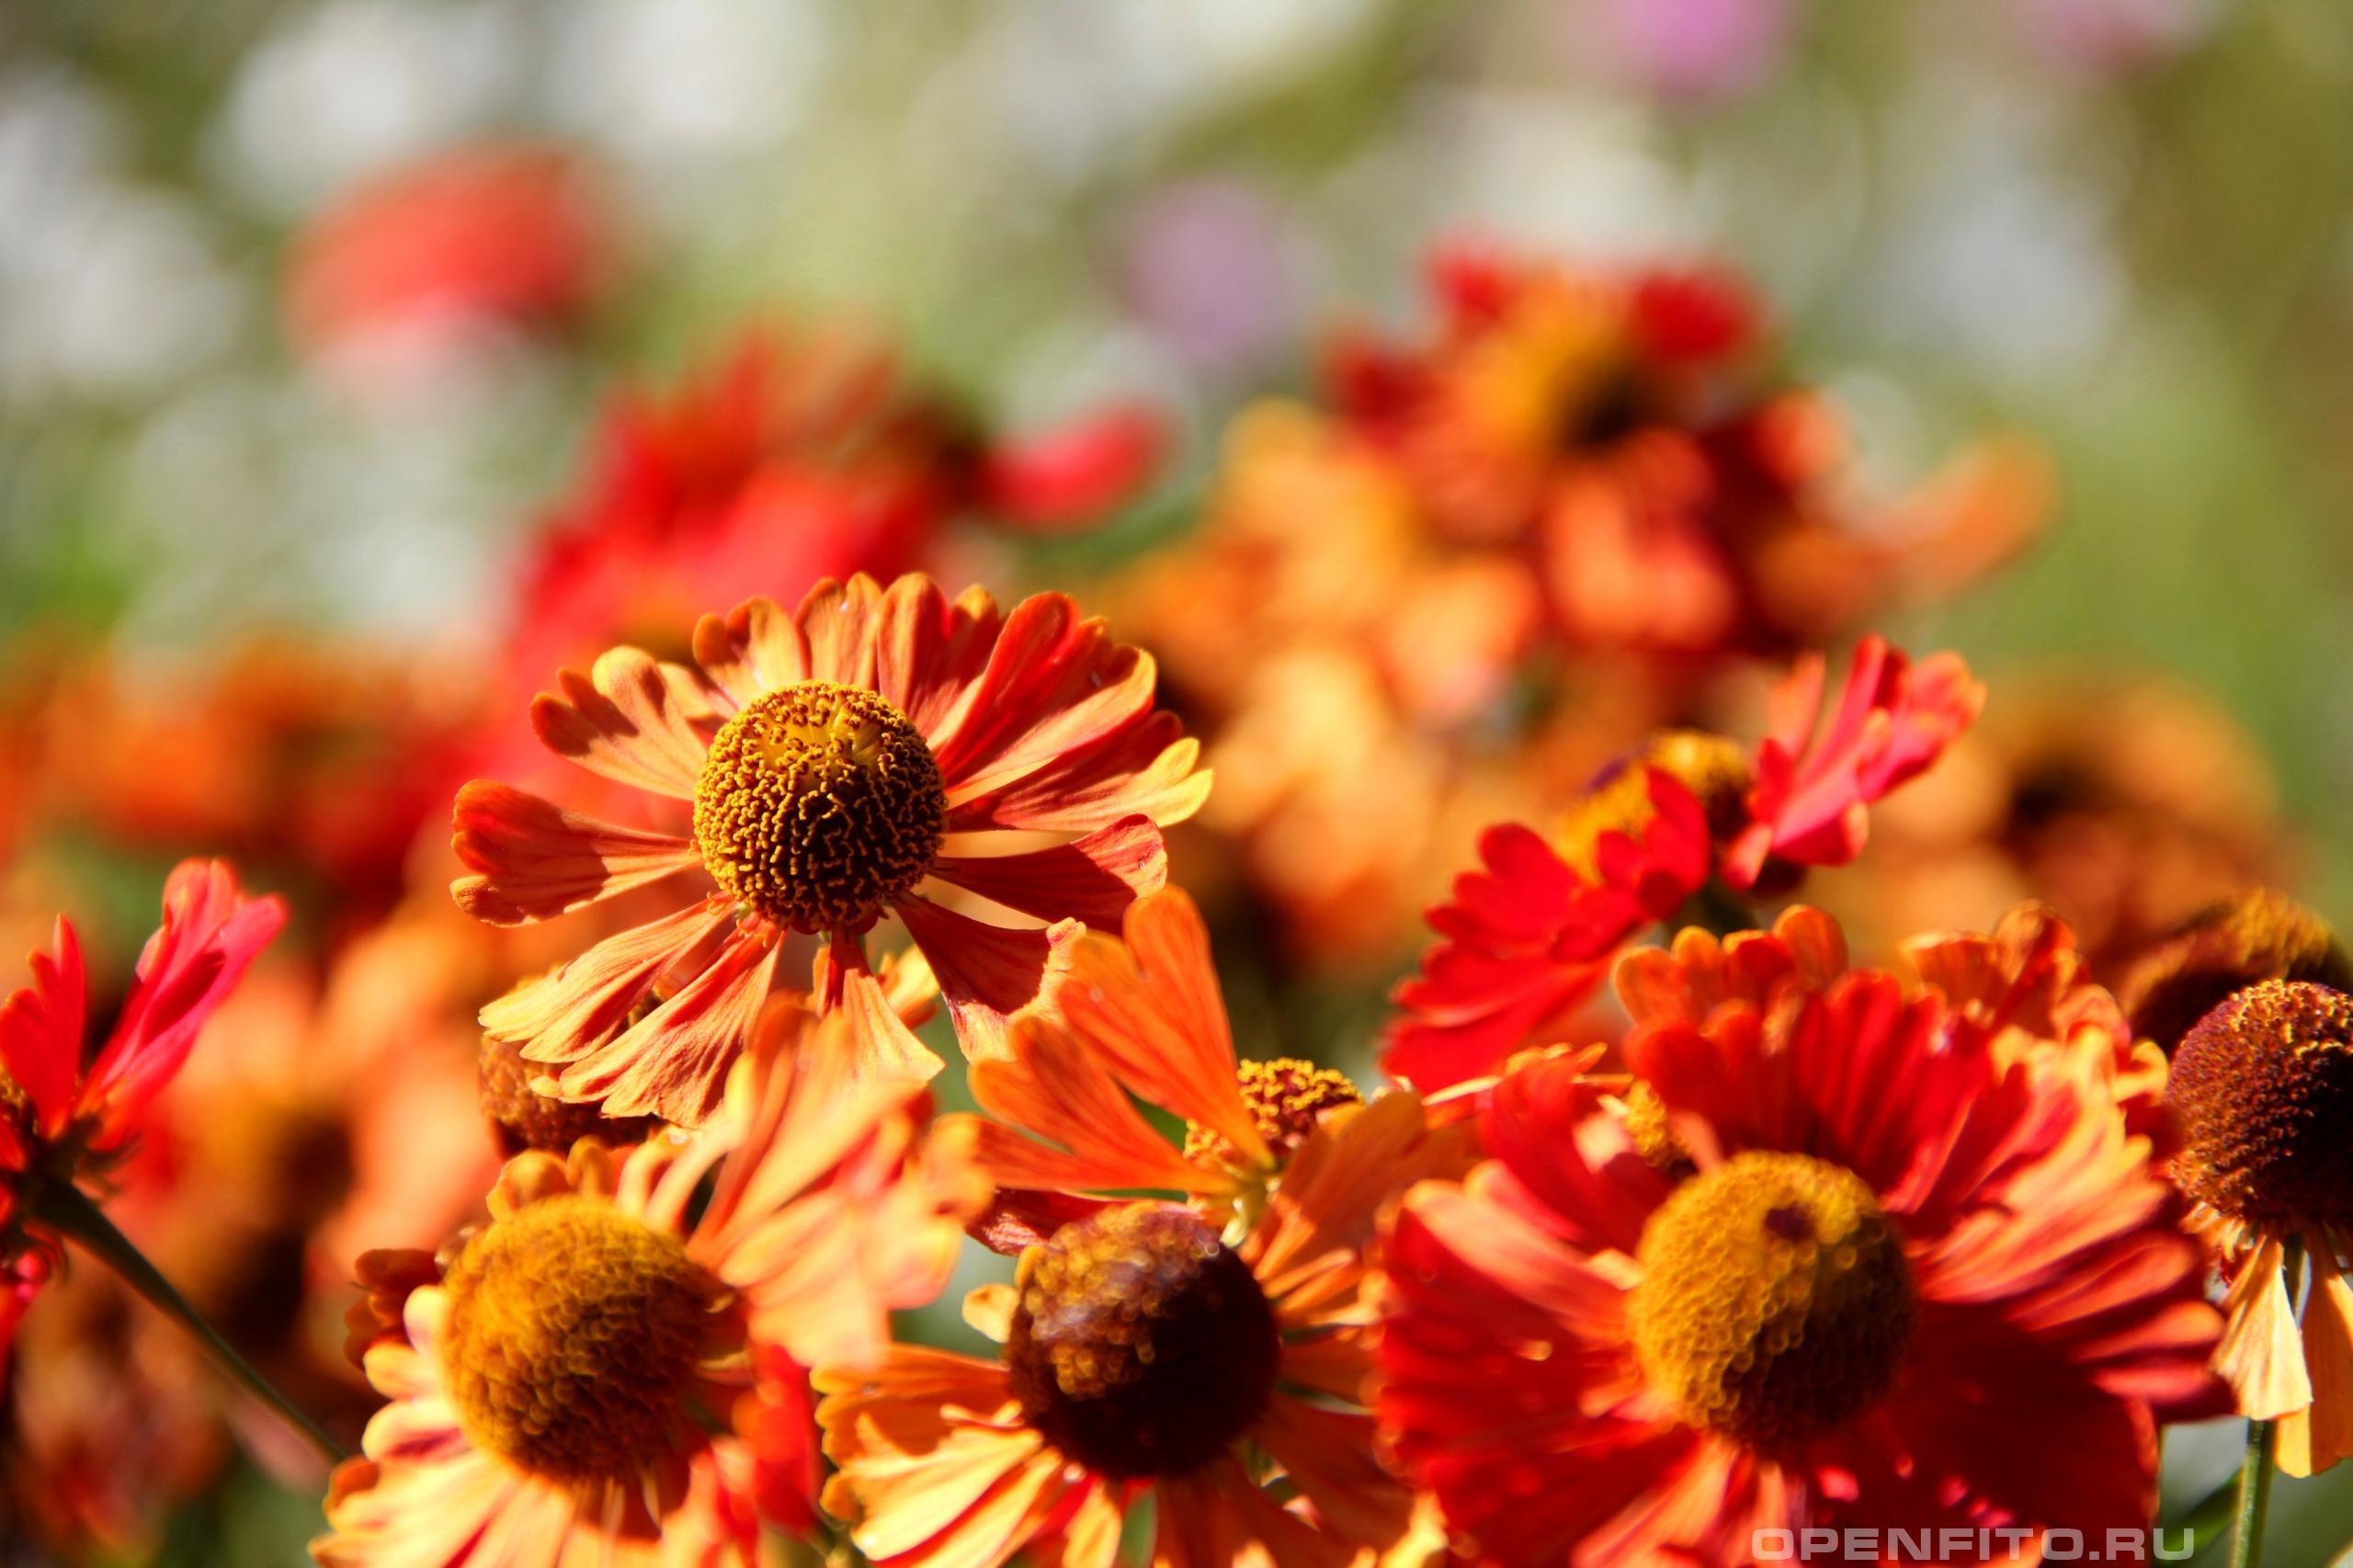 Гайлардия обыкновенная очень красивое садовое растение, цветет осенью